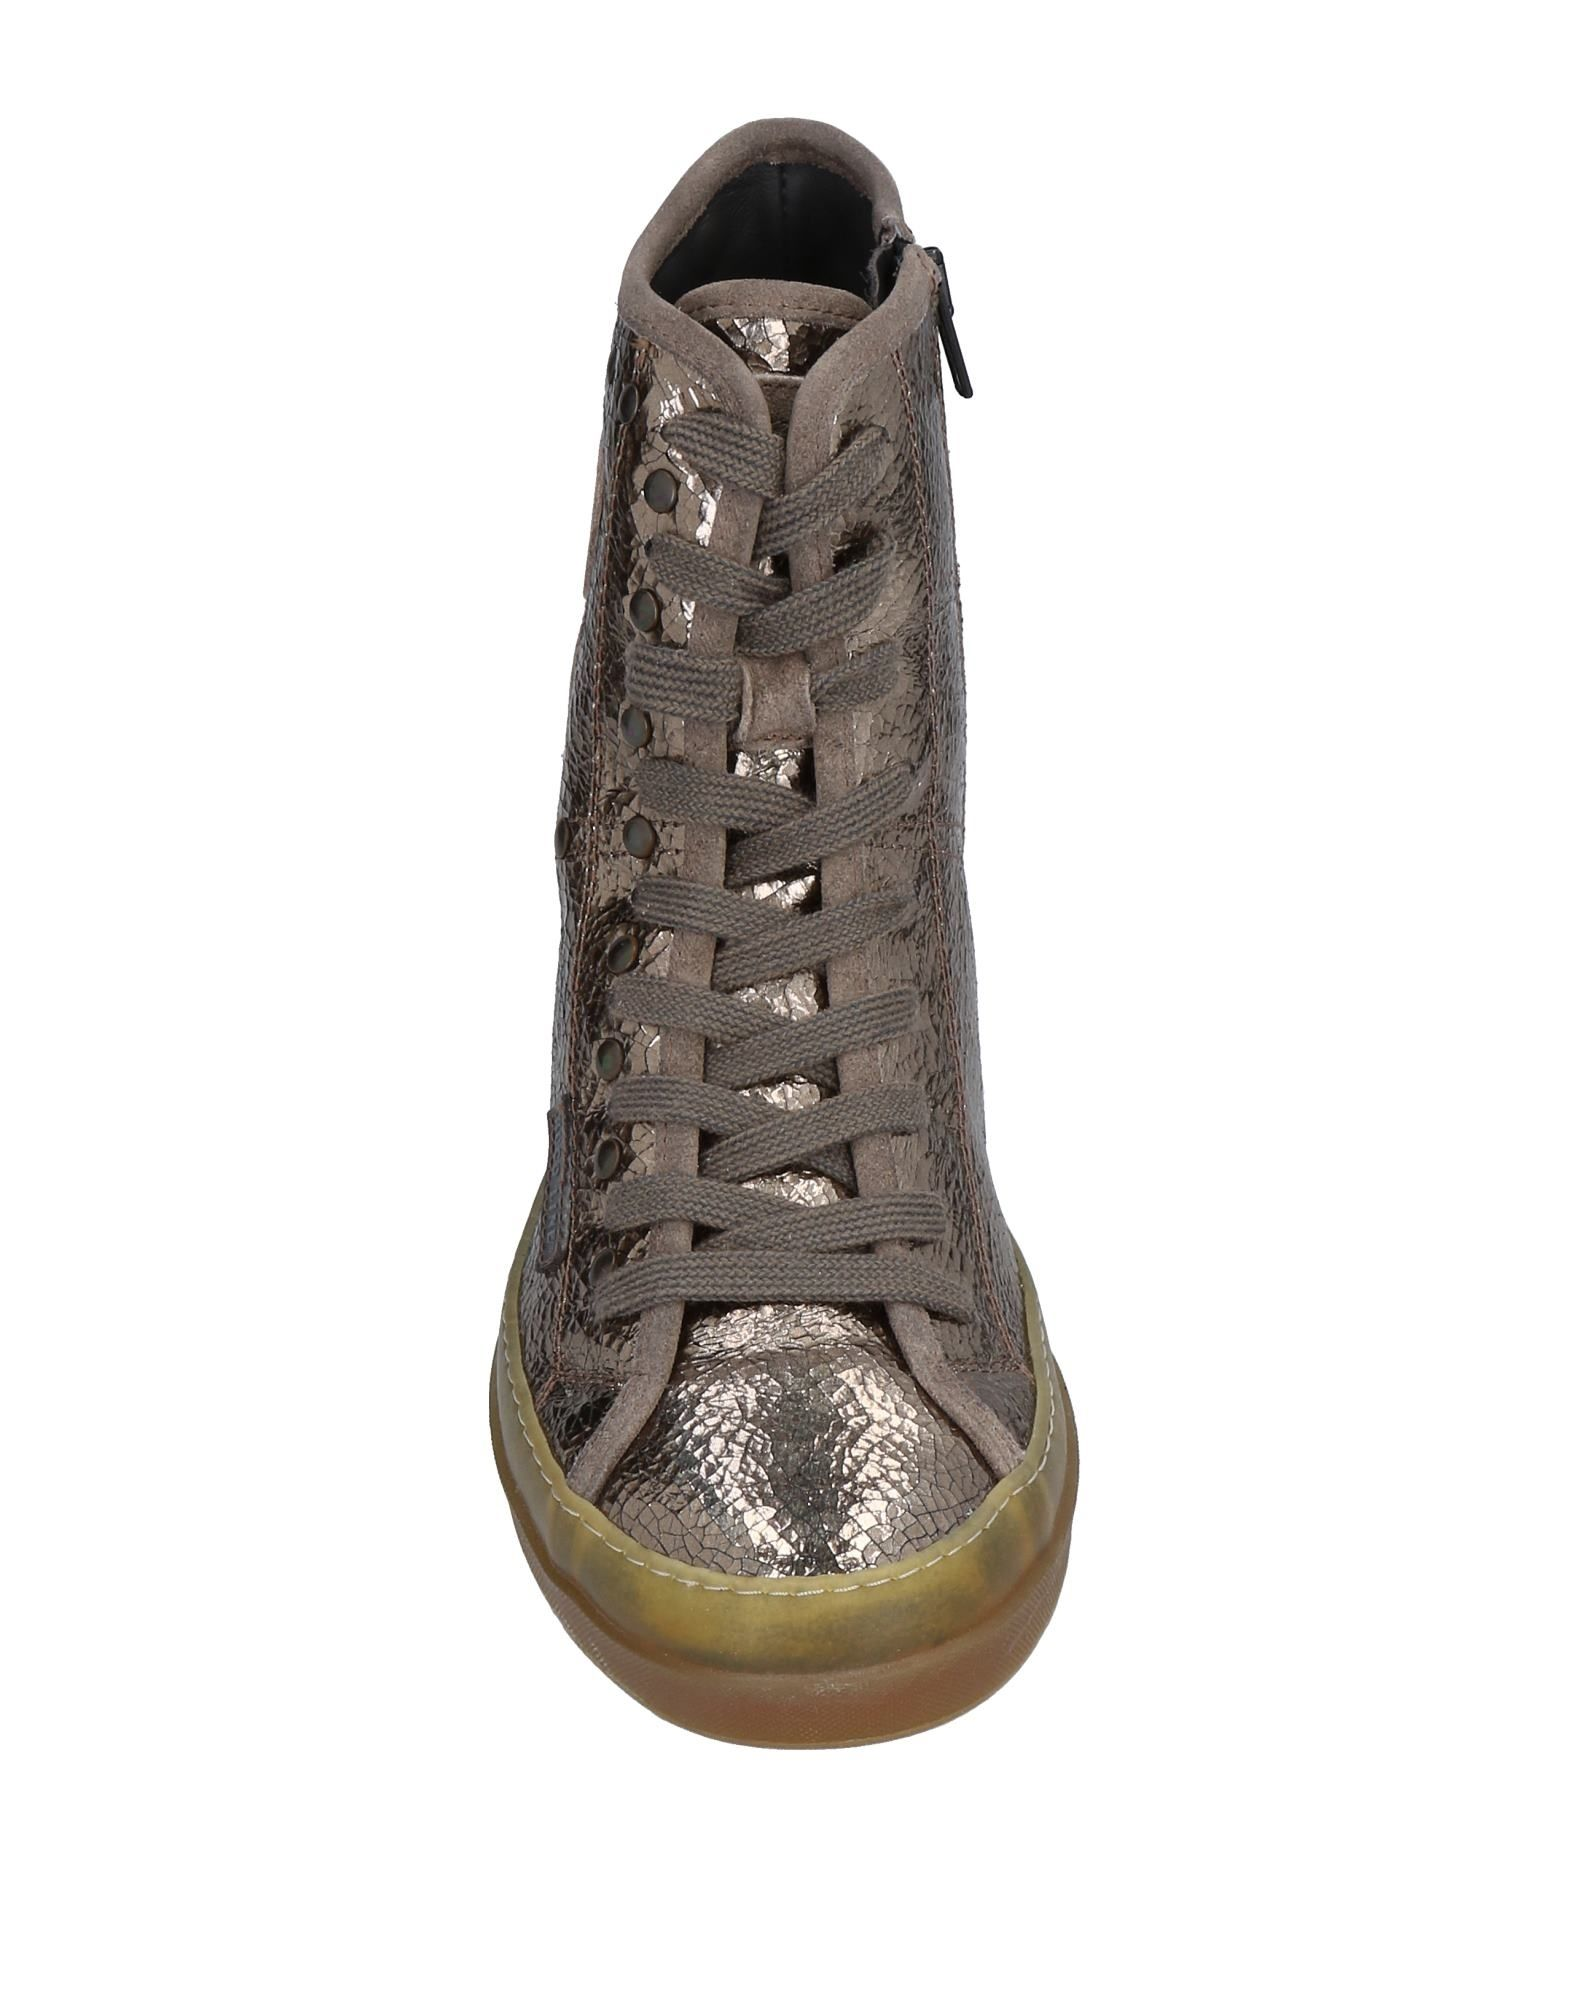 Ruco Line Sneakers Damen Gutes Gutes Gutes Preis-Leistungs-Verhältnis, es lohnt sich d9aee1